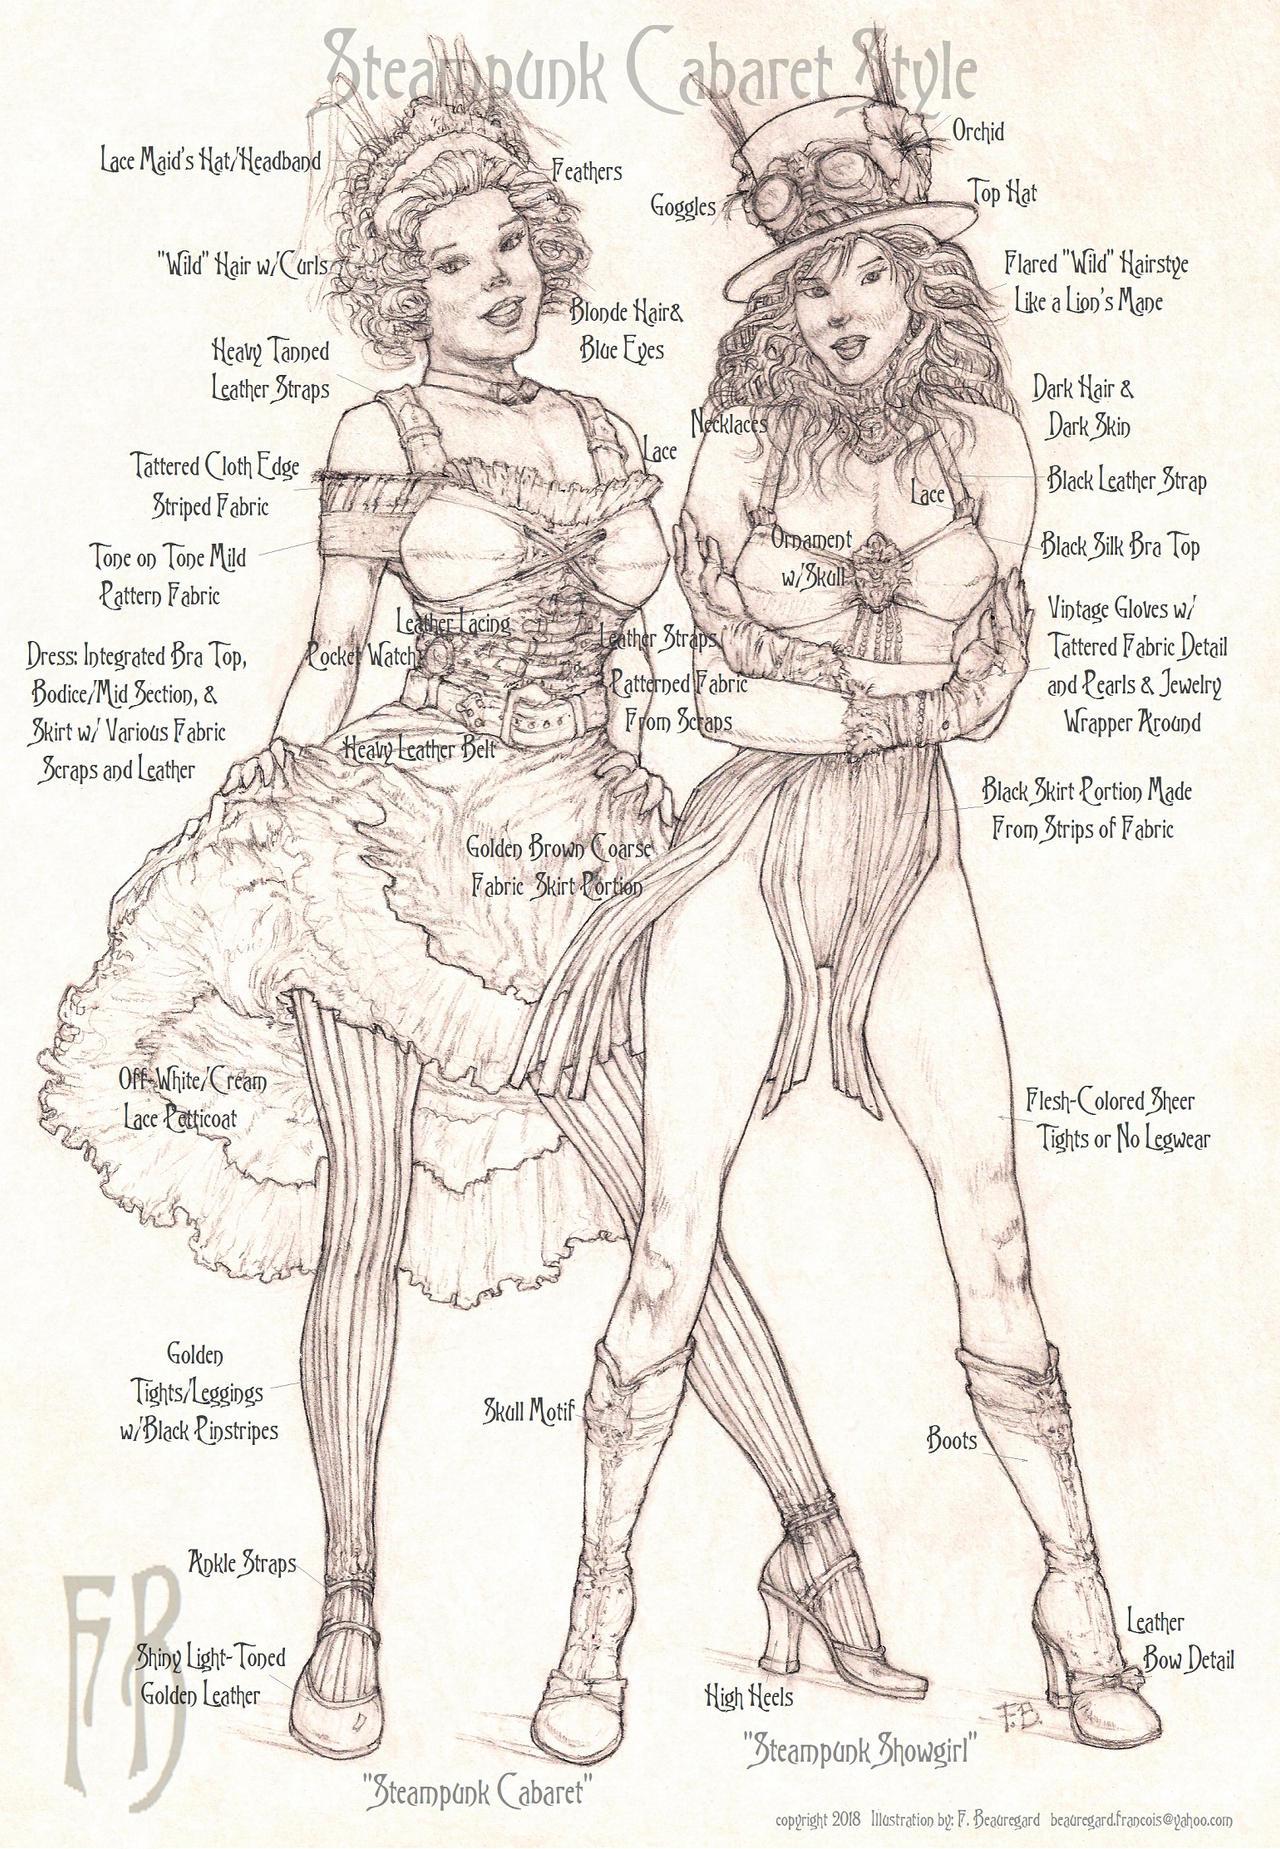 Steampunk Cabaret